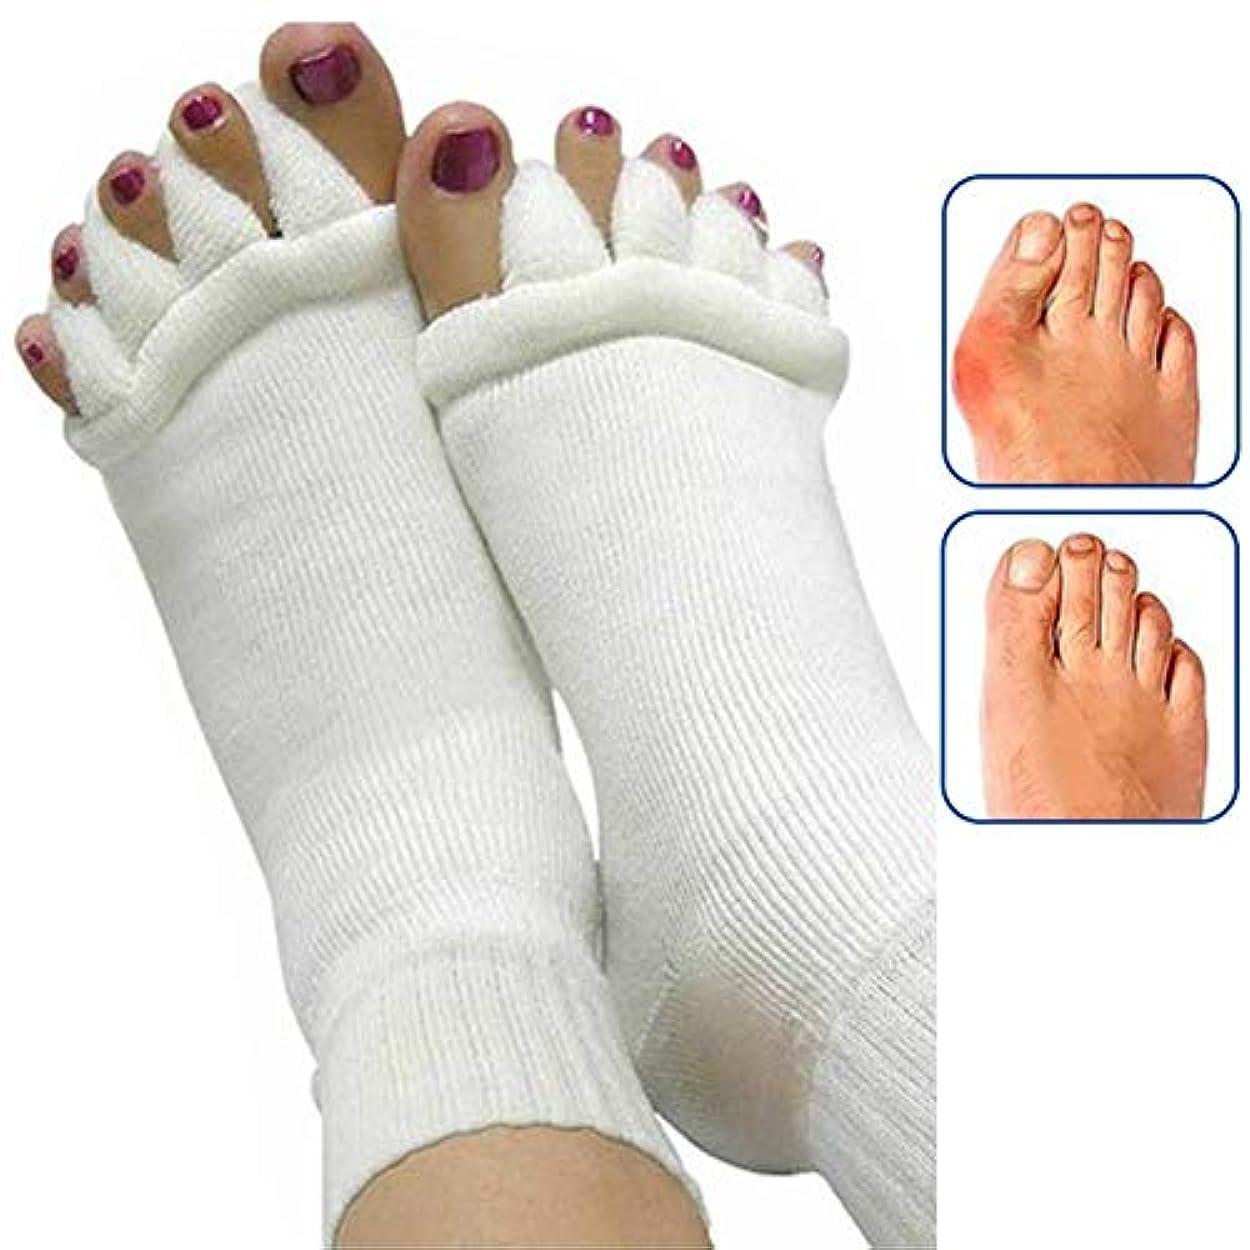 避ける最も早い宇宙の女性のための1Pairフットマッサージャー足ソックス指セパレーターマッサージ健康フットケアコンプレッションソックス足足の痛みを軽減